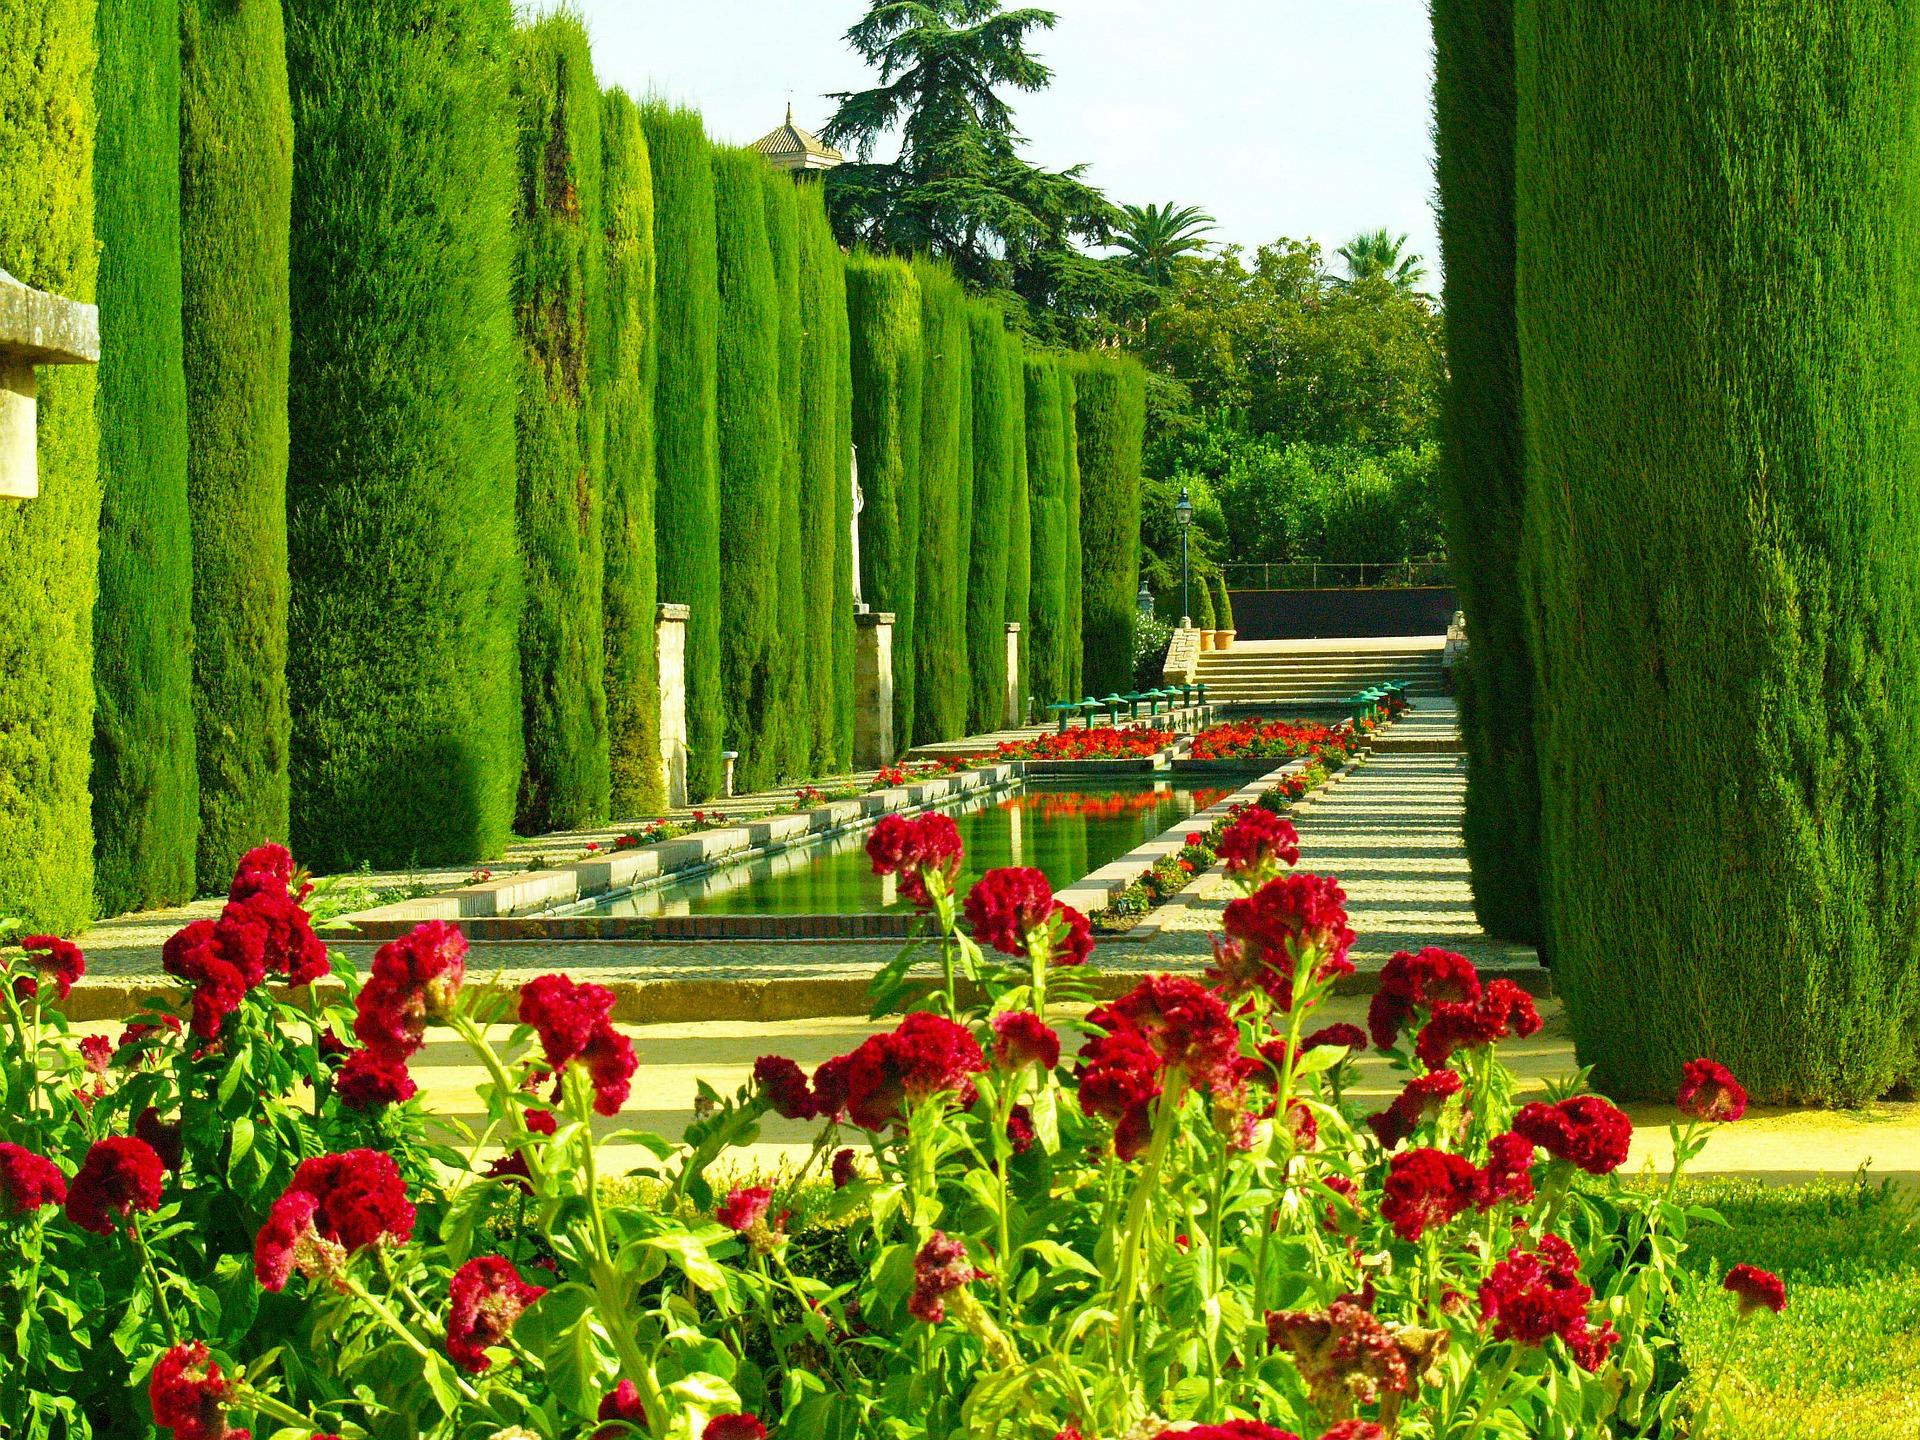 Lush green gardens of Alcazar de los Reyes Cristianos, Cordoba